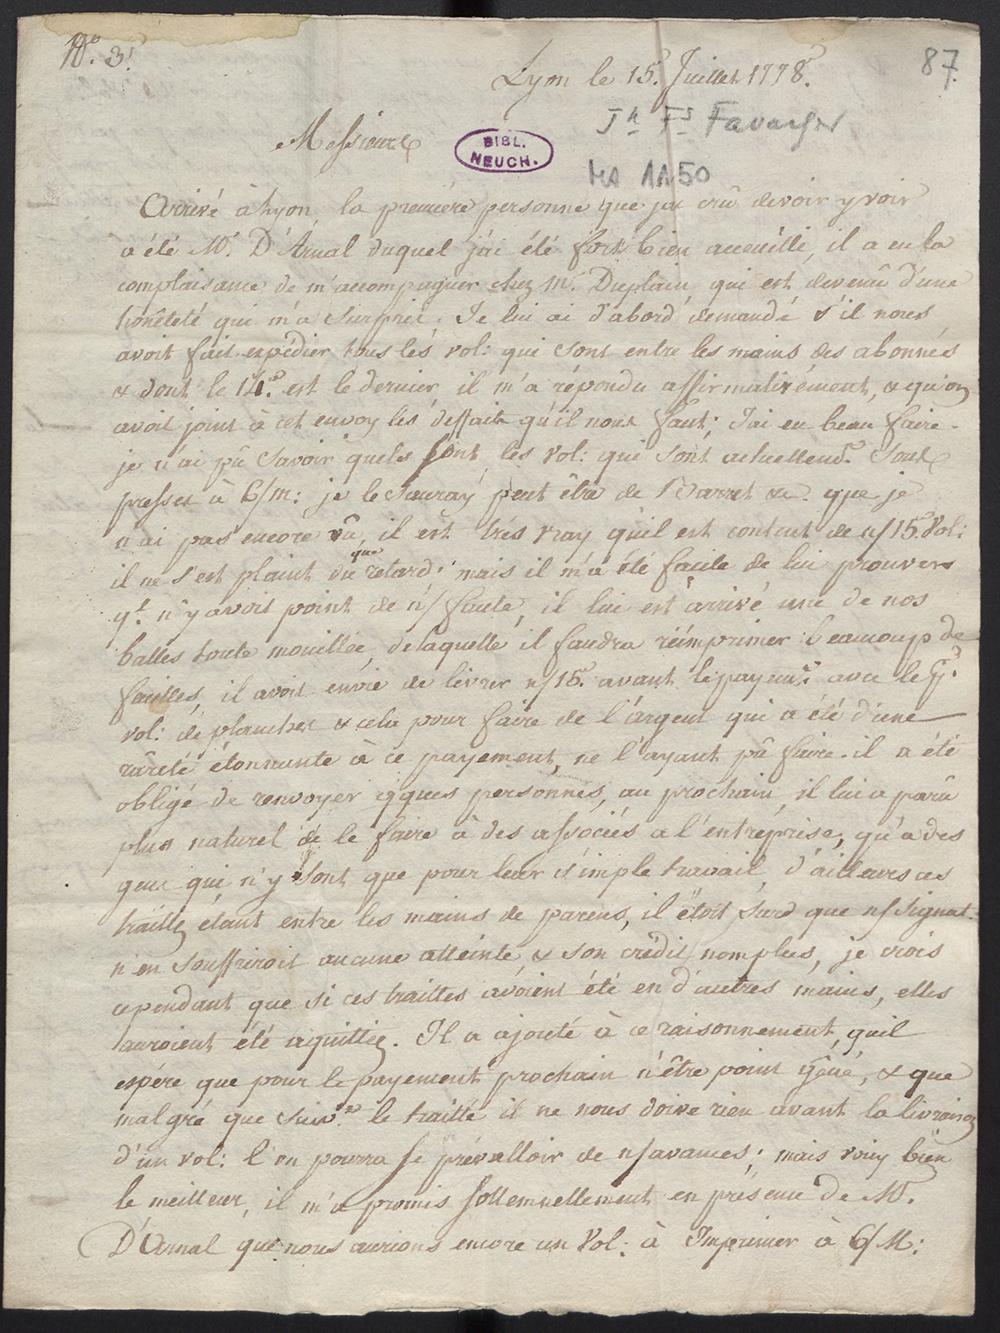 First page of a letter from Jean-François Favarger, sent from Lyon on July 15, 1778. Bibliothèque Publique et Universitaire de Neuchâtel.